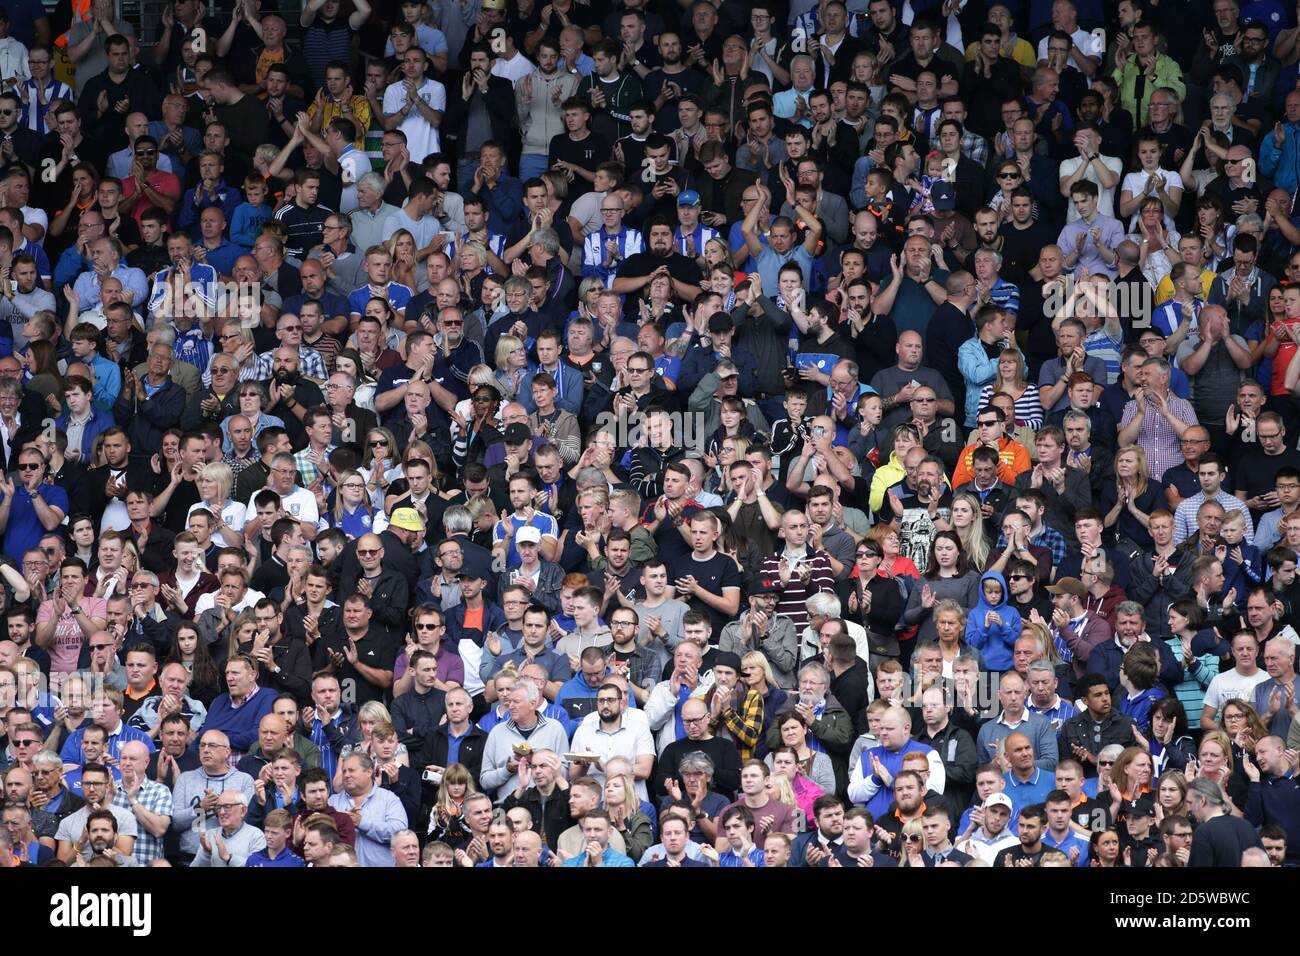 Les fans montrent leur soutien tandis que les joueurs de Fulham et de Sheffield Wednesday observent une minute d'applaudissements pour l'attaque de Barcelone. Banque D'Images